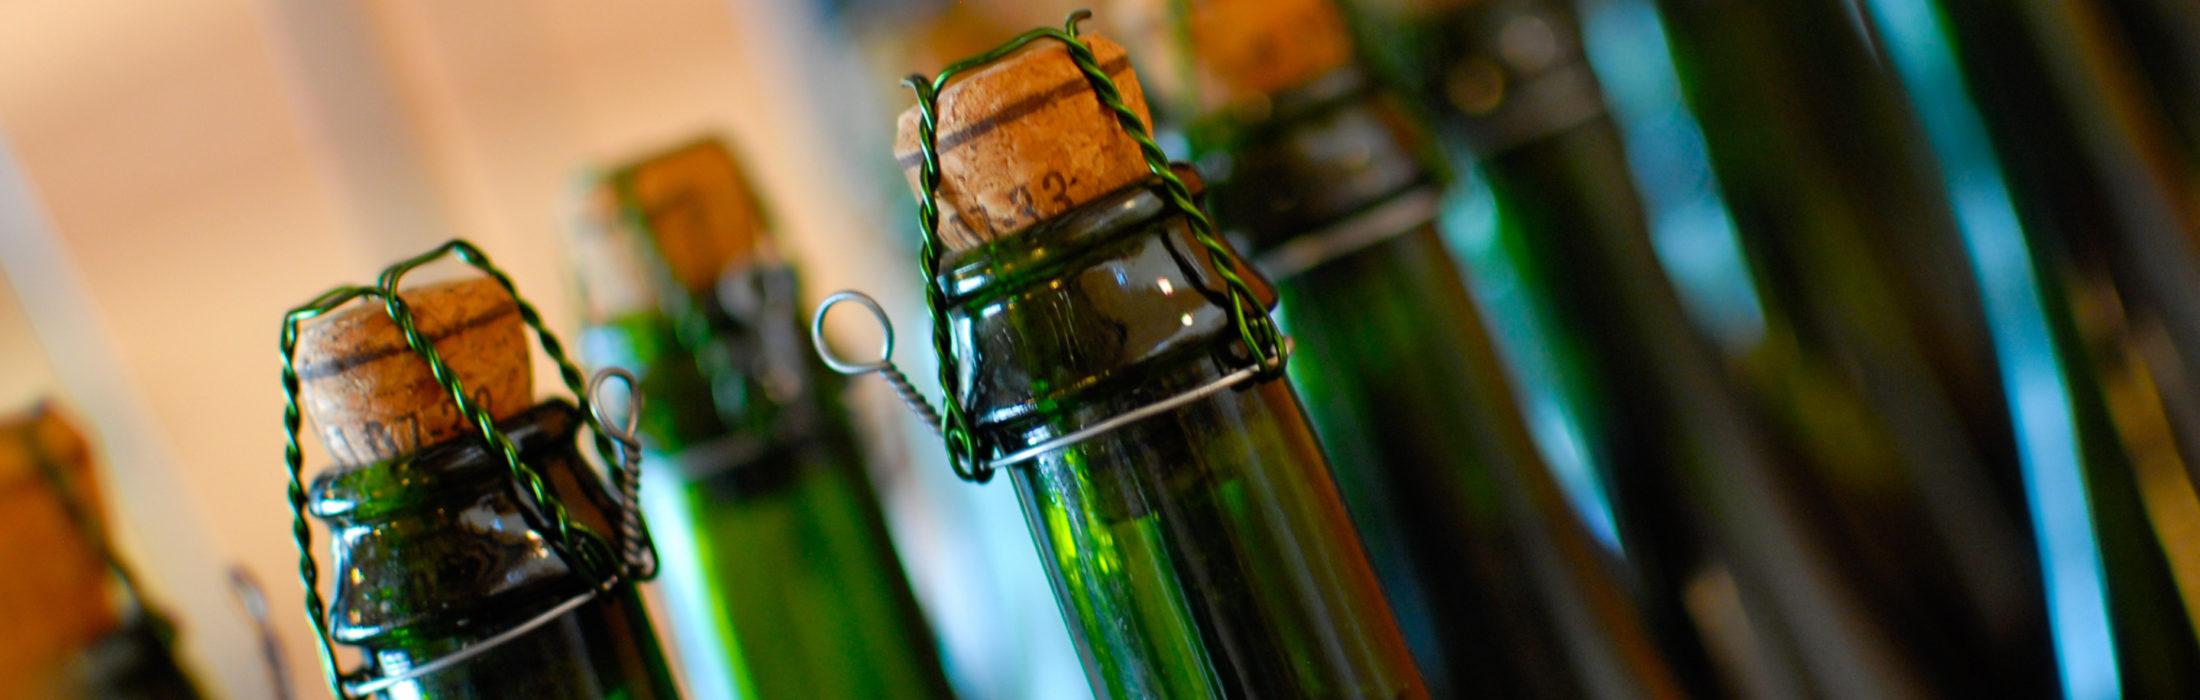 Produit renommé de notre gastronomie : L'Andouille de Vire    Ce produit de qualité est le fleuron de la gastronomie du Pays de Vire. Pour obtenir plus 1